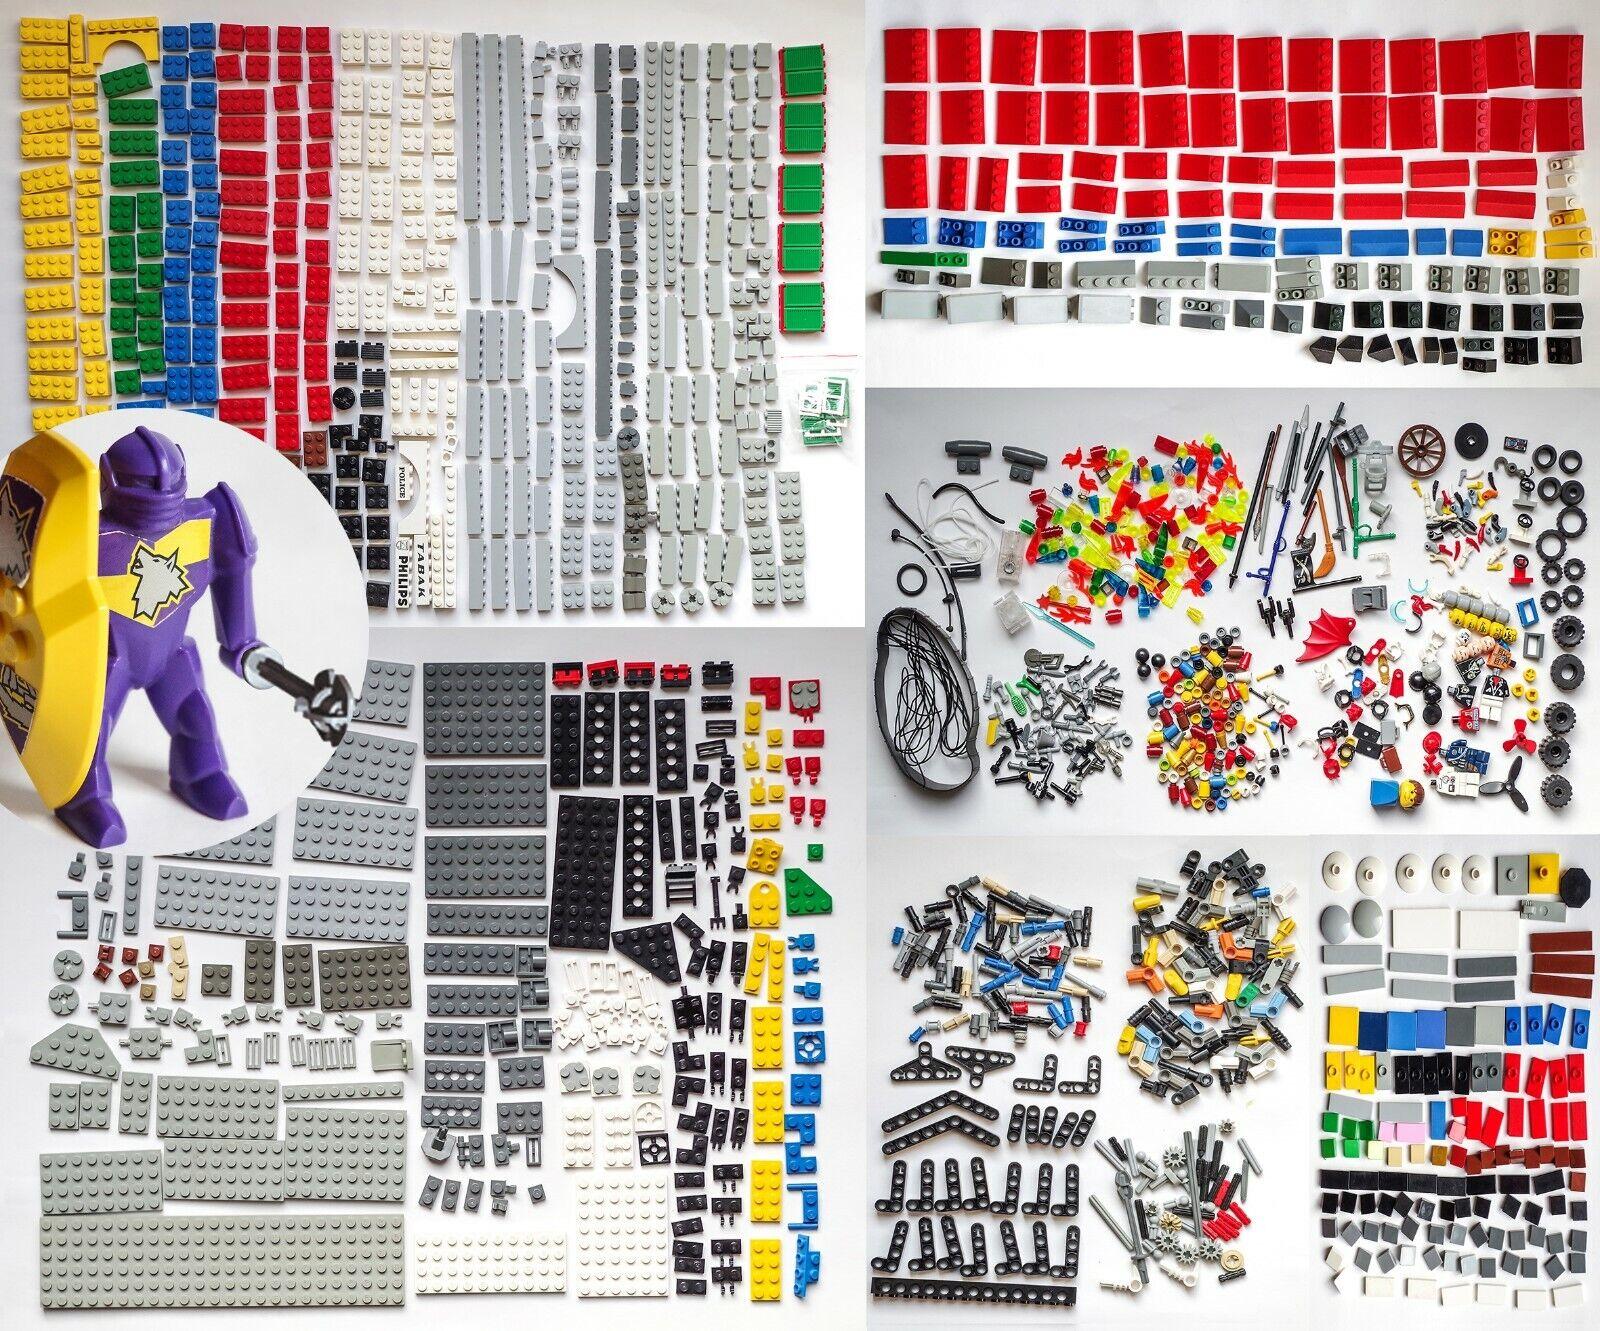 LEGO BASIC + TECHNIC + SONDERTEILE + 51881 DANJU 1.440 Teile sortiert in 3 Boxen